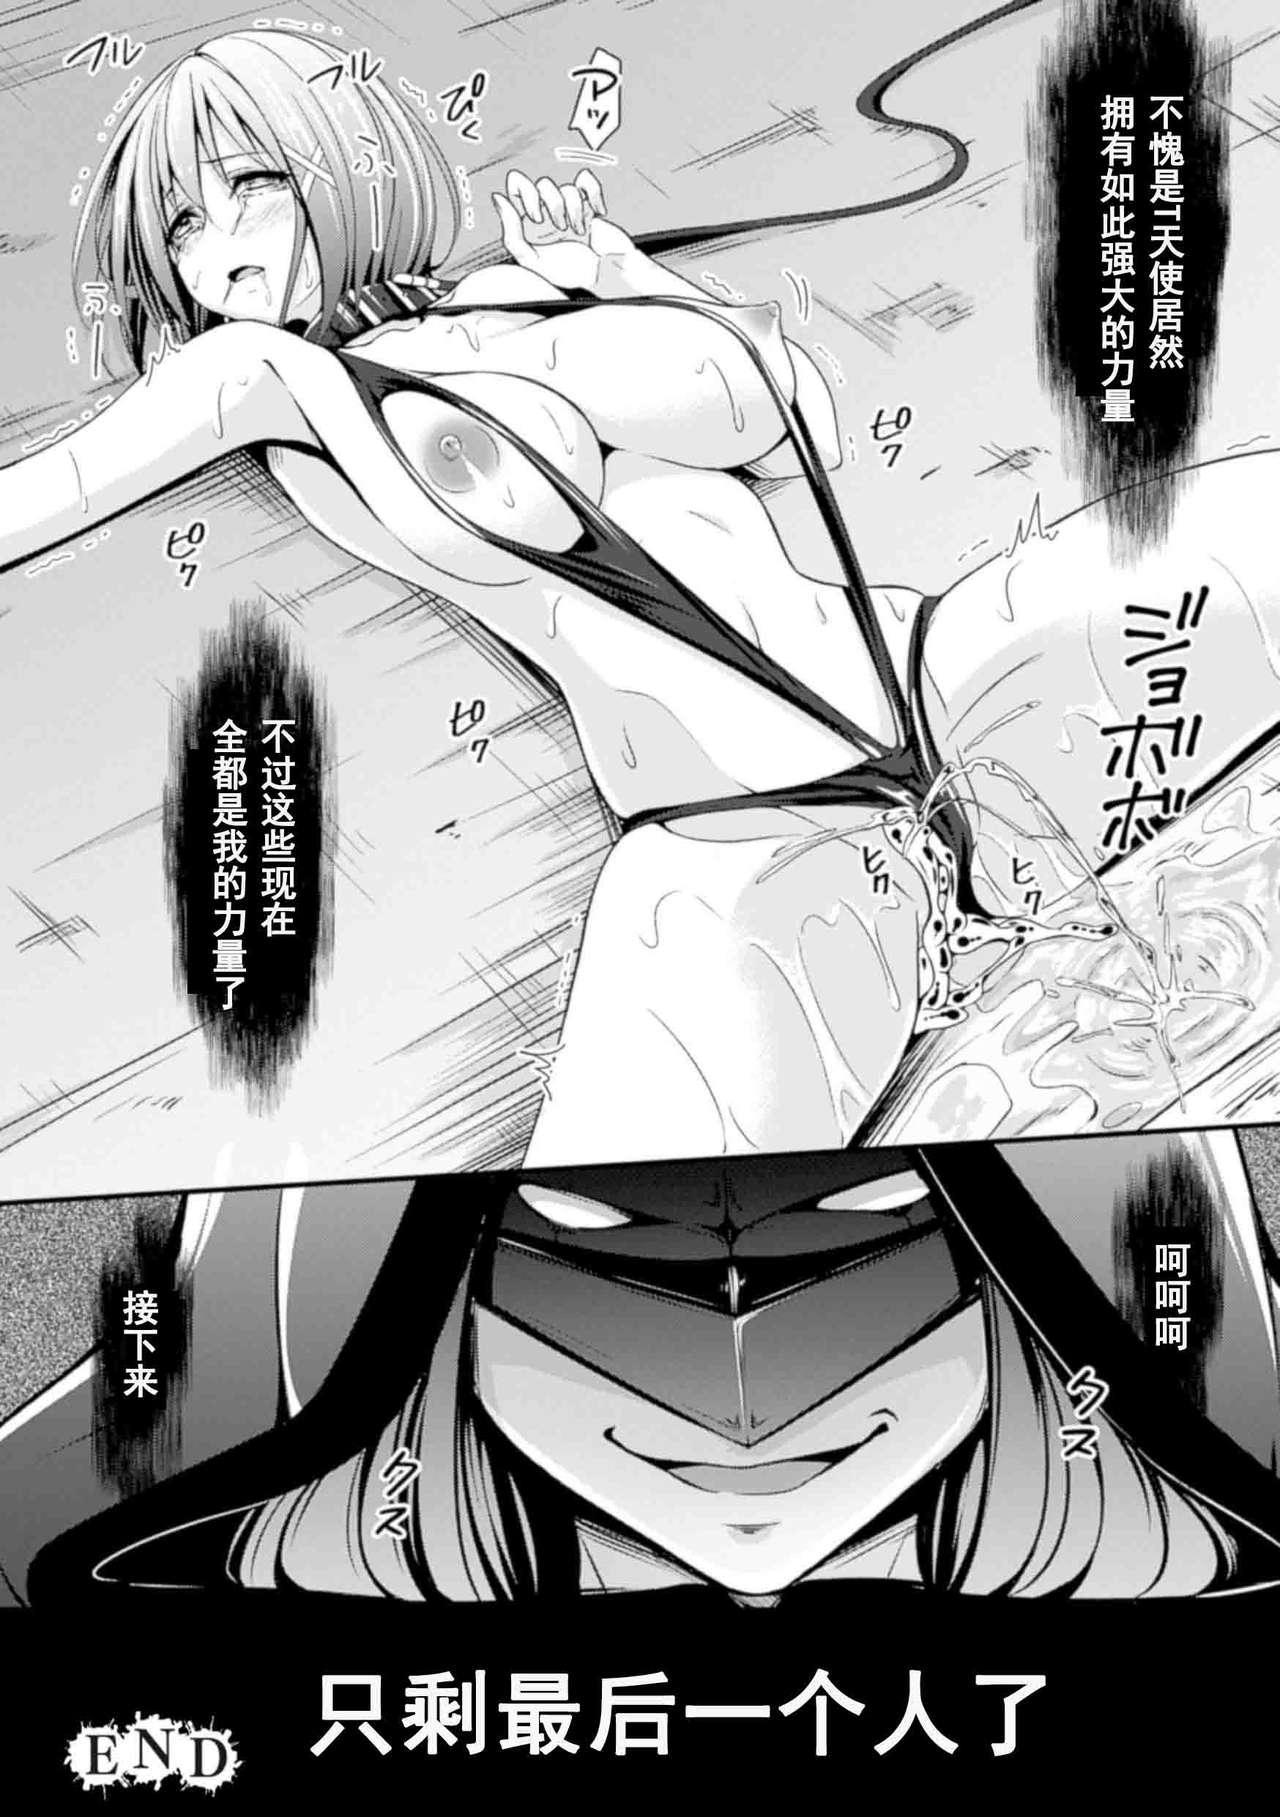 Kyuuin Zecchou Heroine! 17